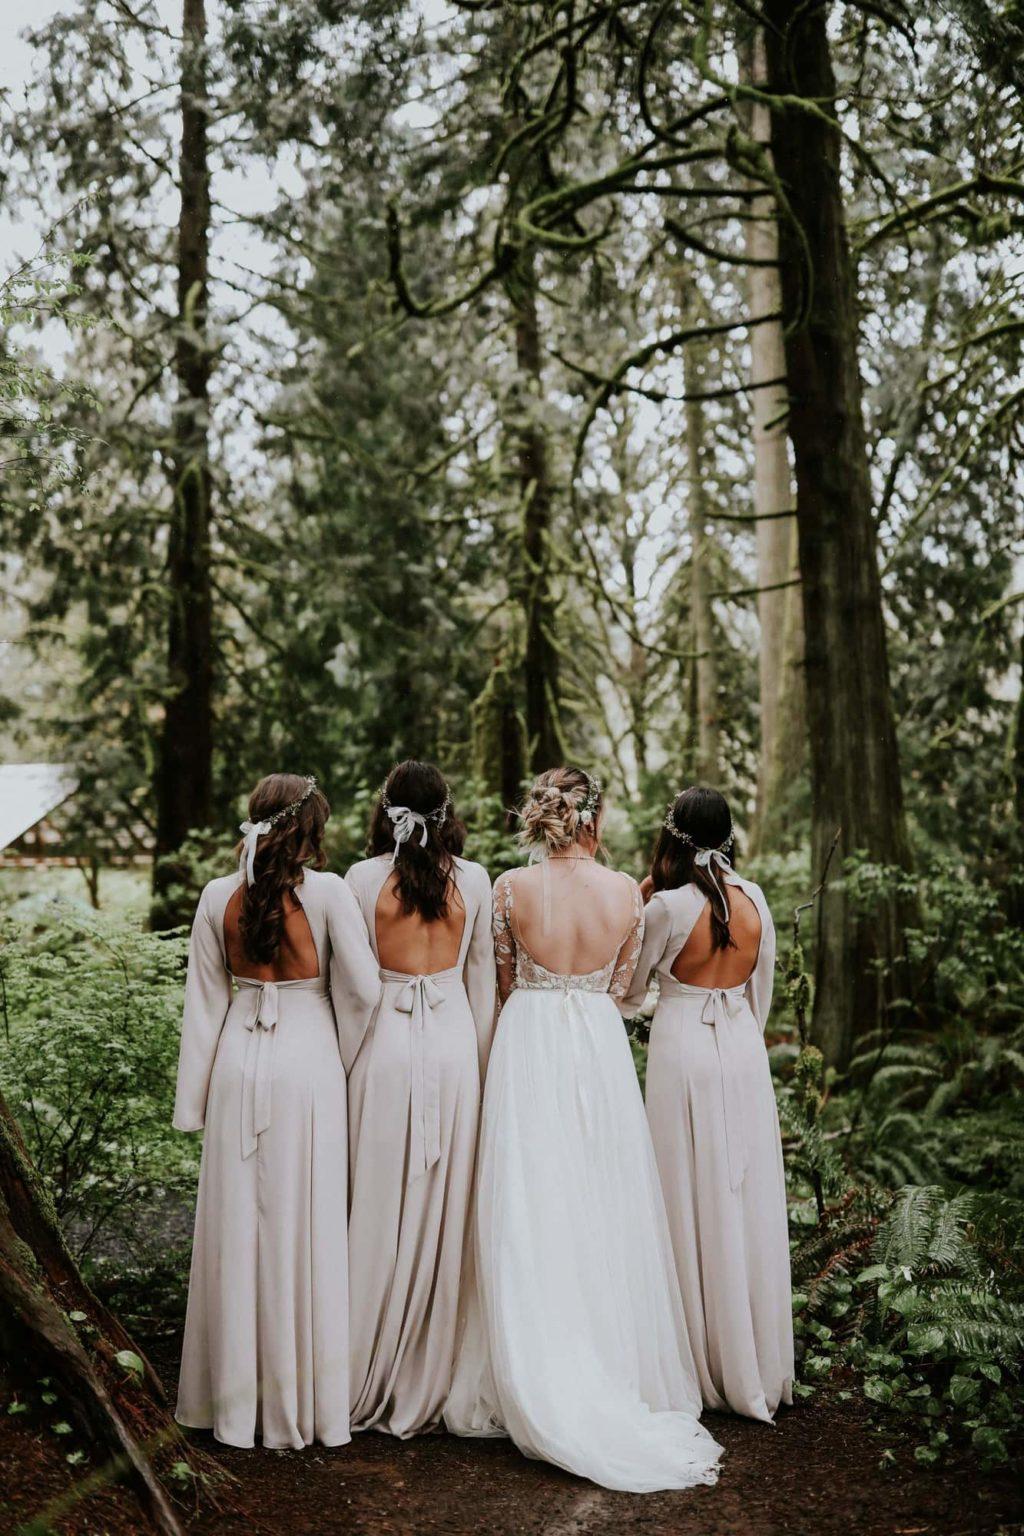 bridesmaids facing away from the camera